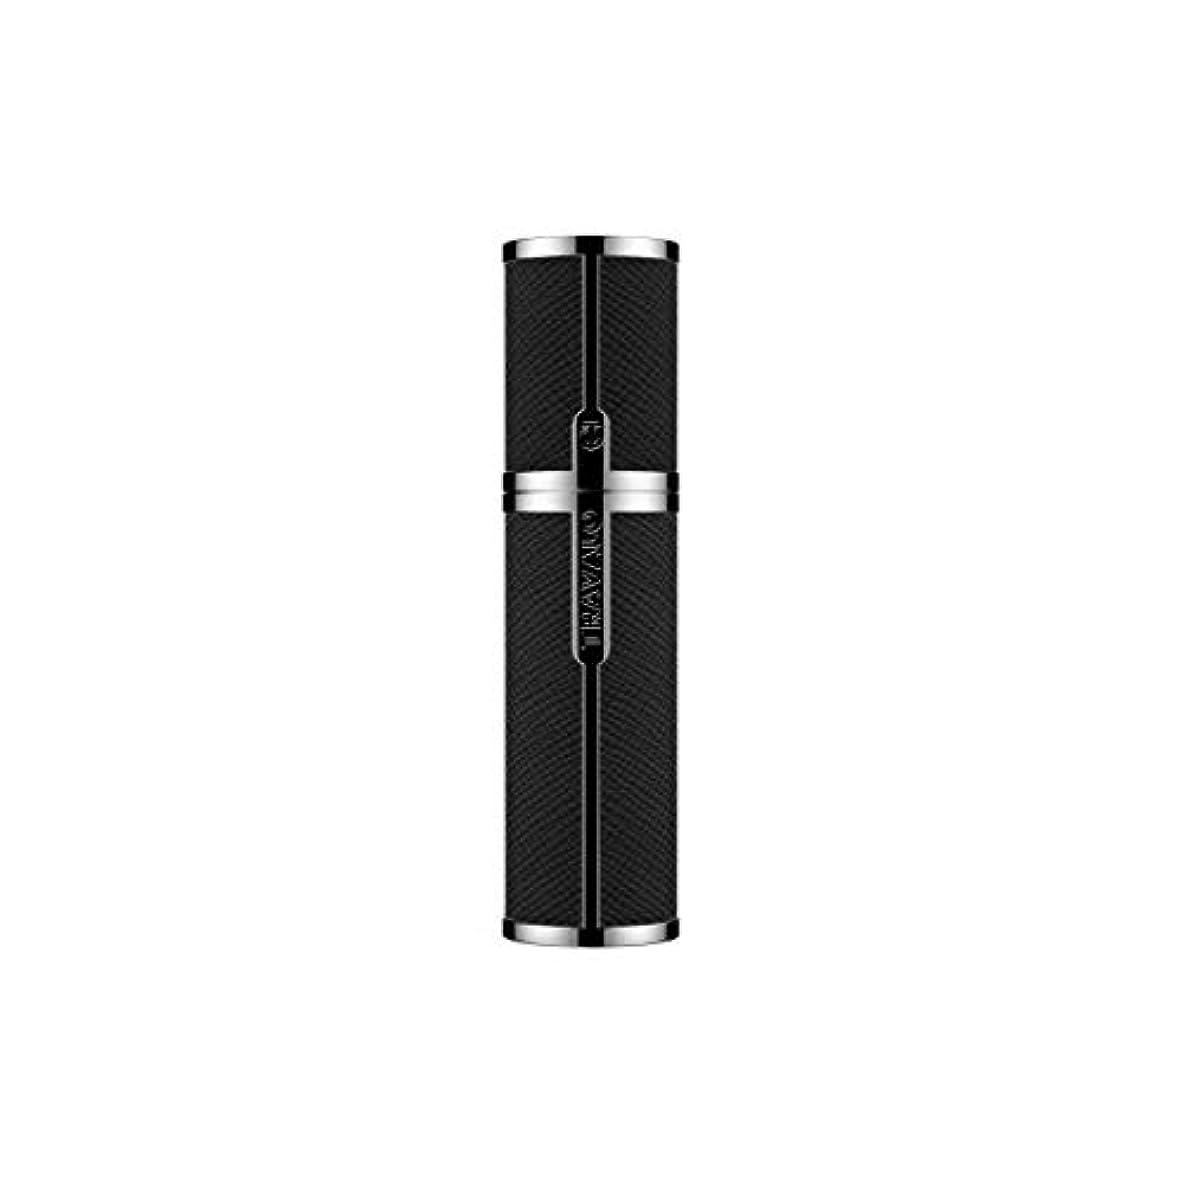 受け入れるビバの間でTRAVALO (トラヴァ―ロ) ミラノ アトマイザー ブラック 香水 旅行 携帯 詰め替え ボトル 簡単 香水スプレー